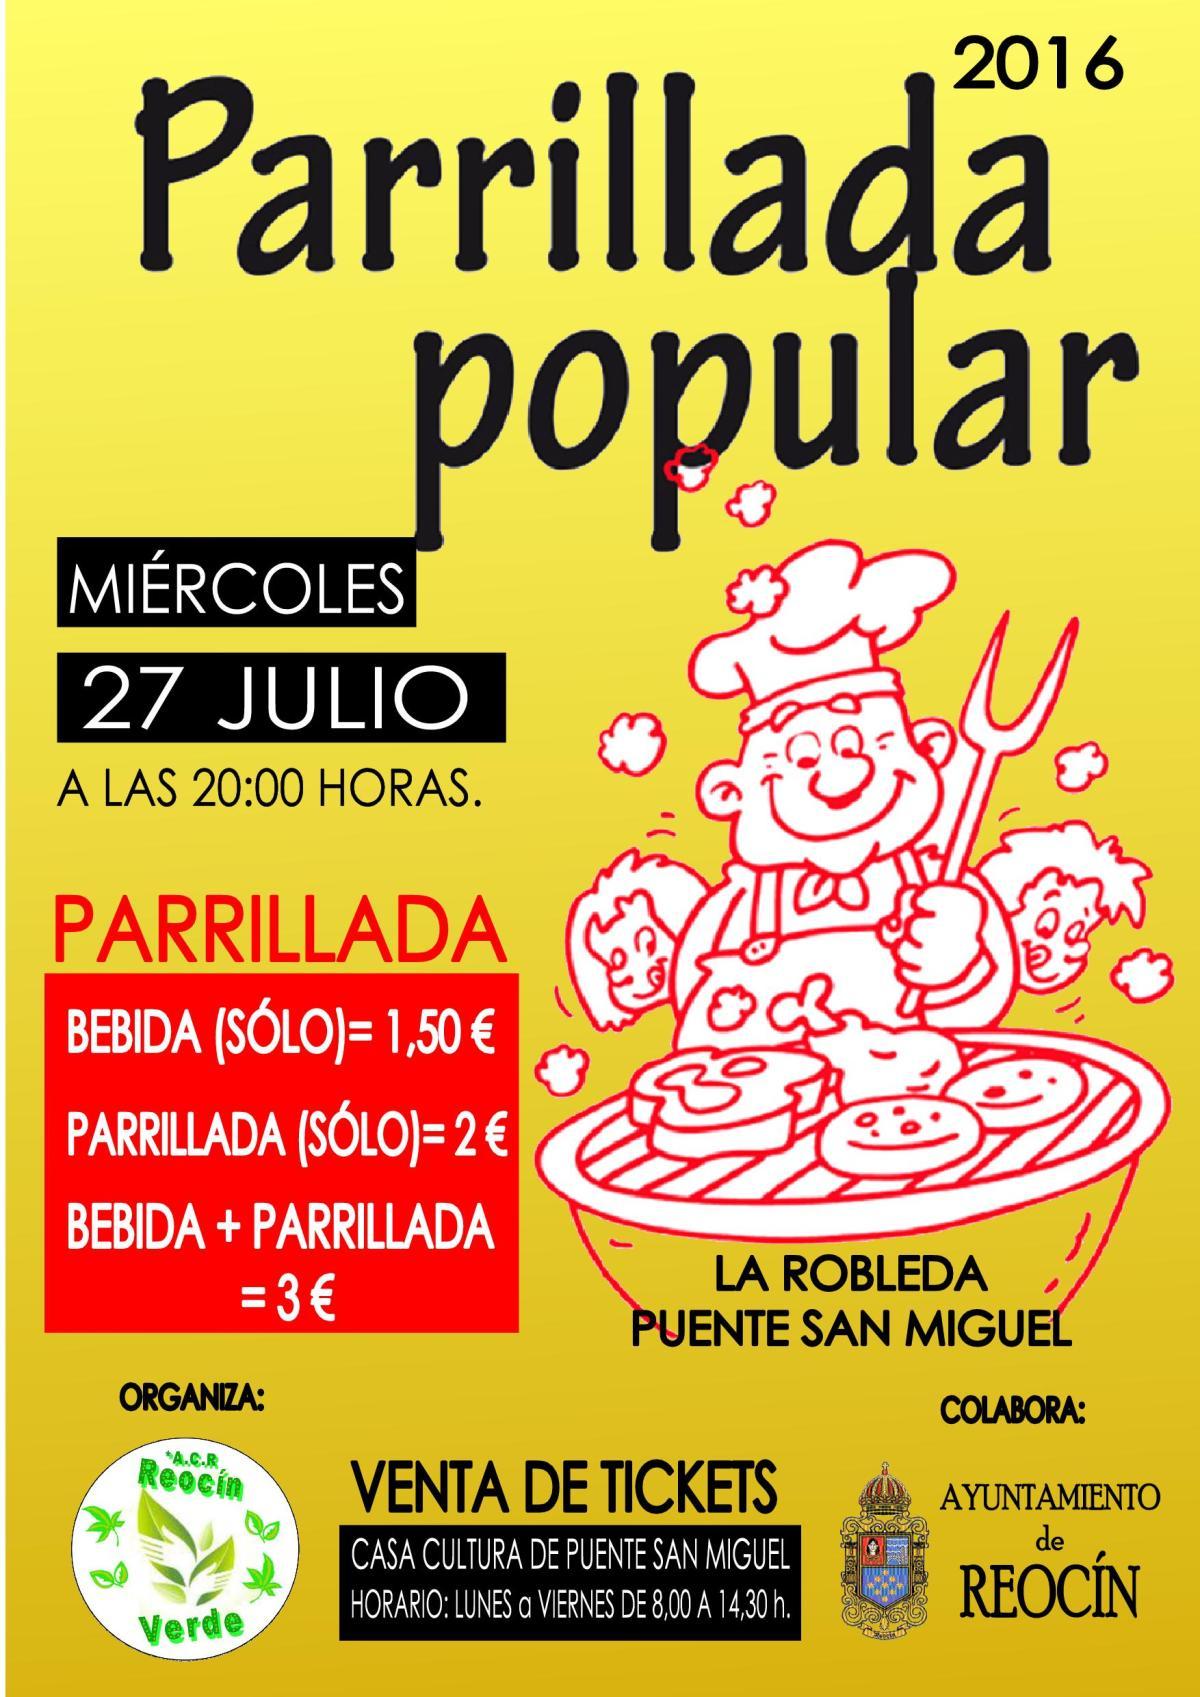 CARTEL PARRILLLDA POPULAR 2016